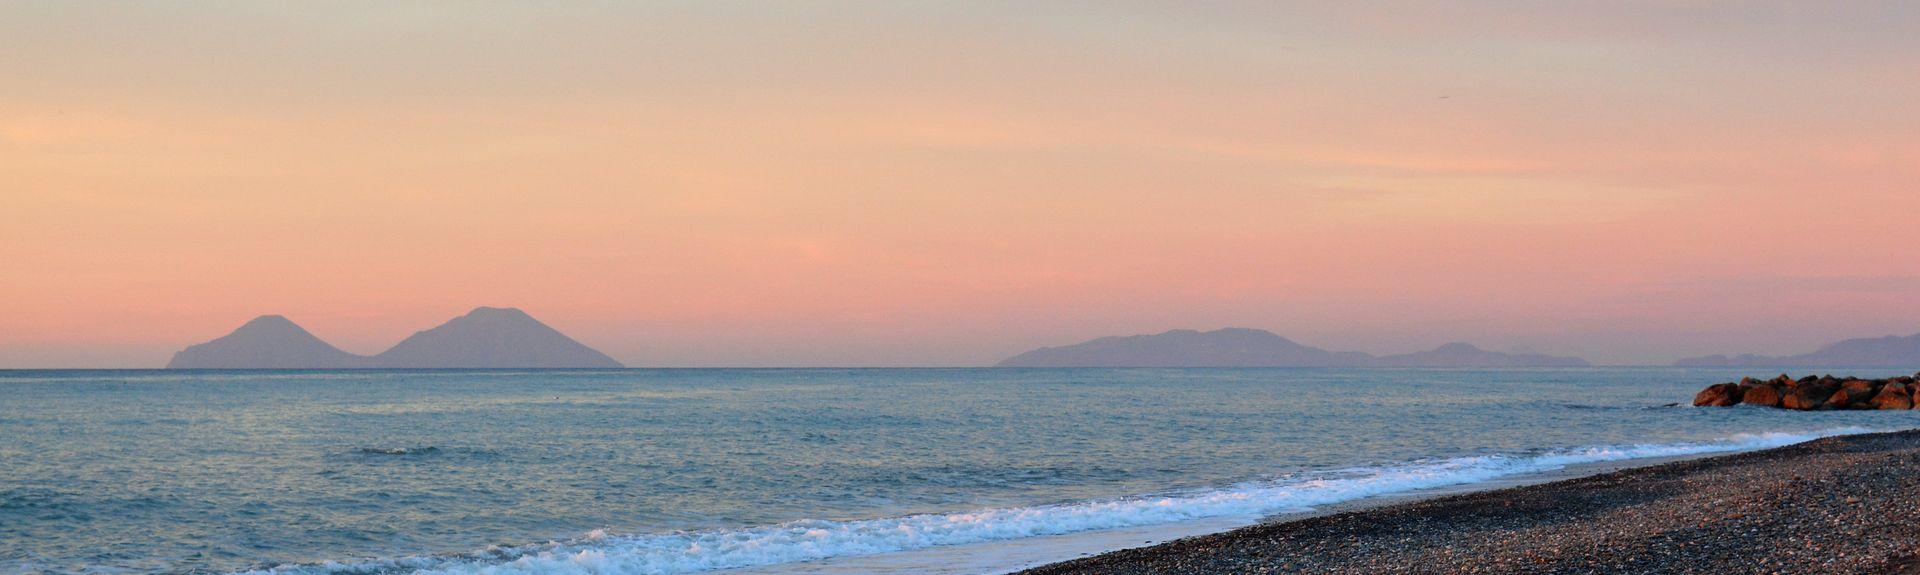 Torrenova, Messina, Sicily, Italy